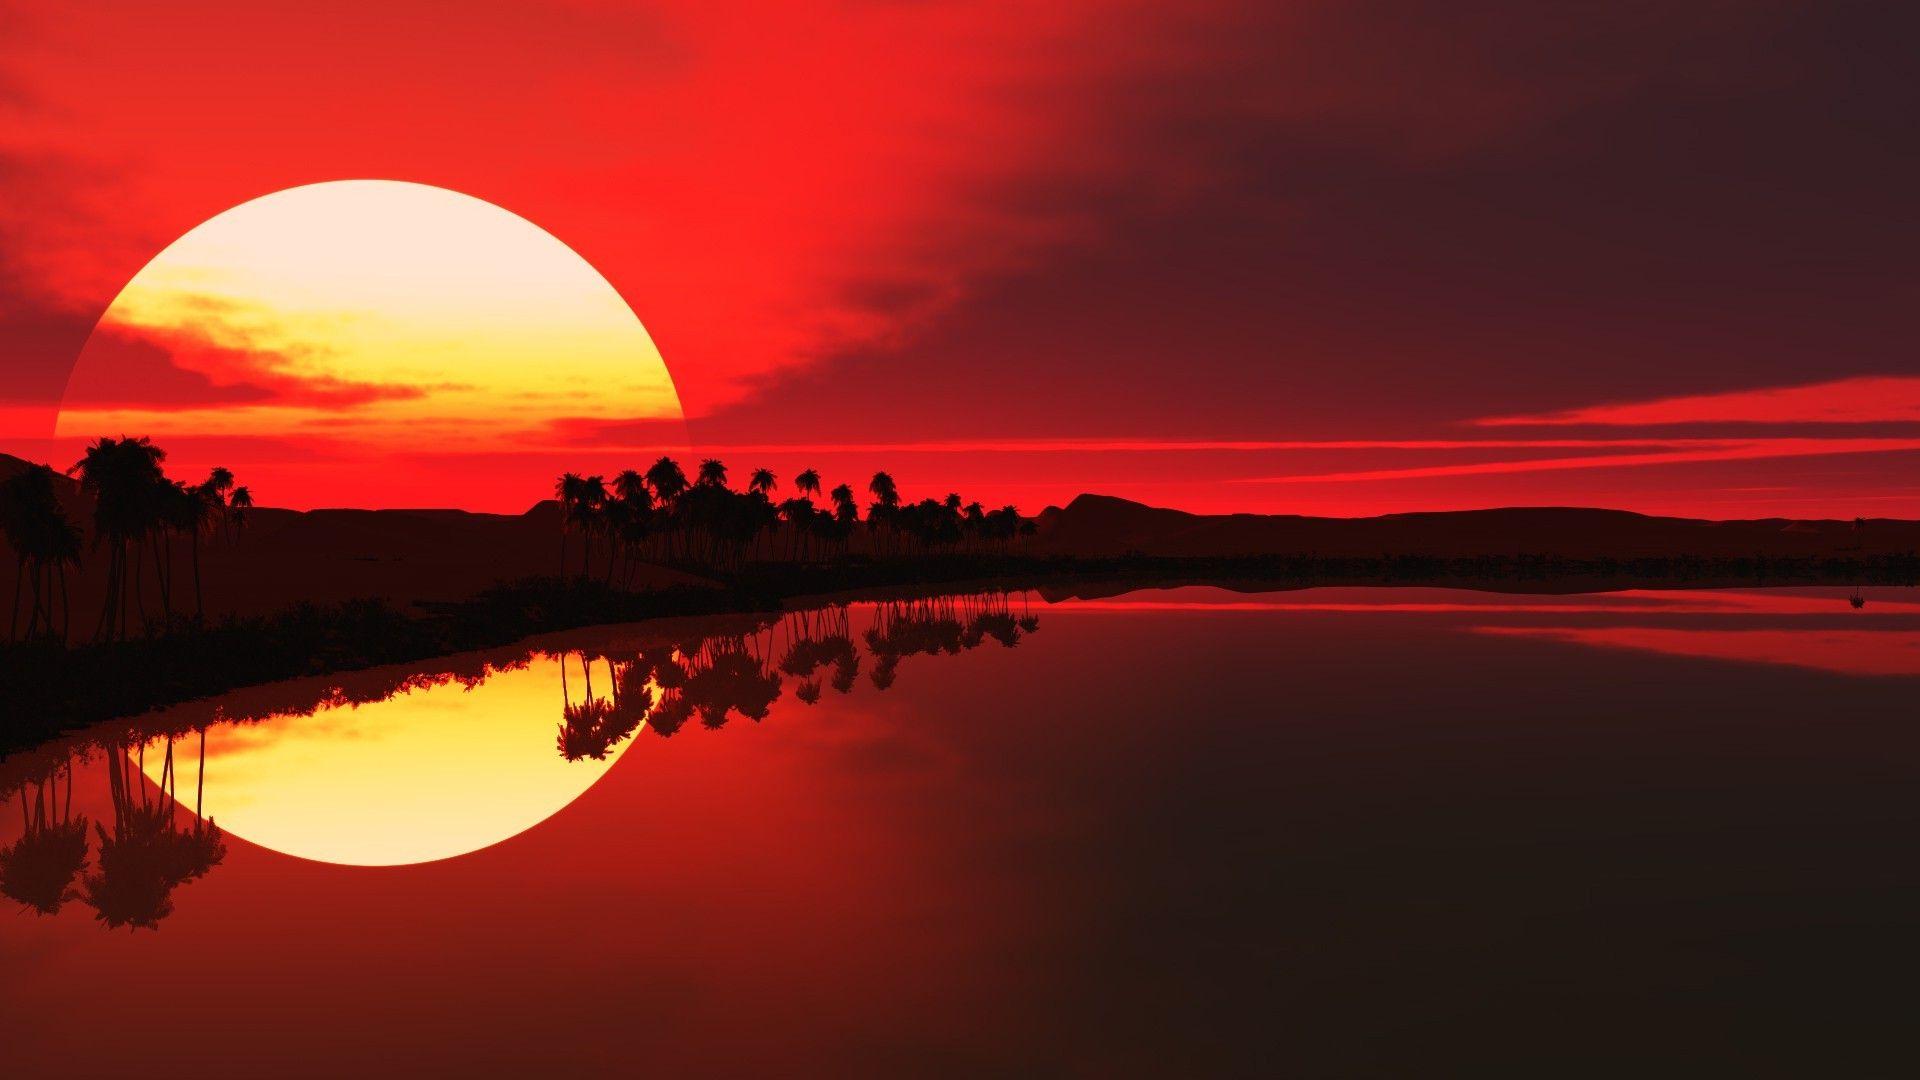 Red Sunset China